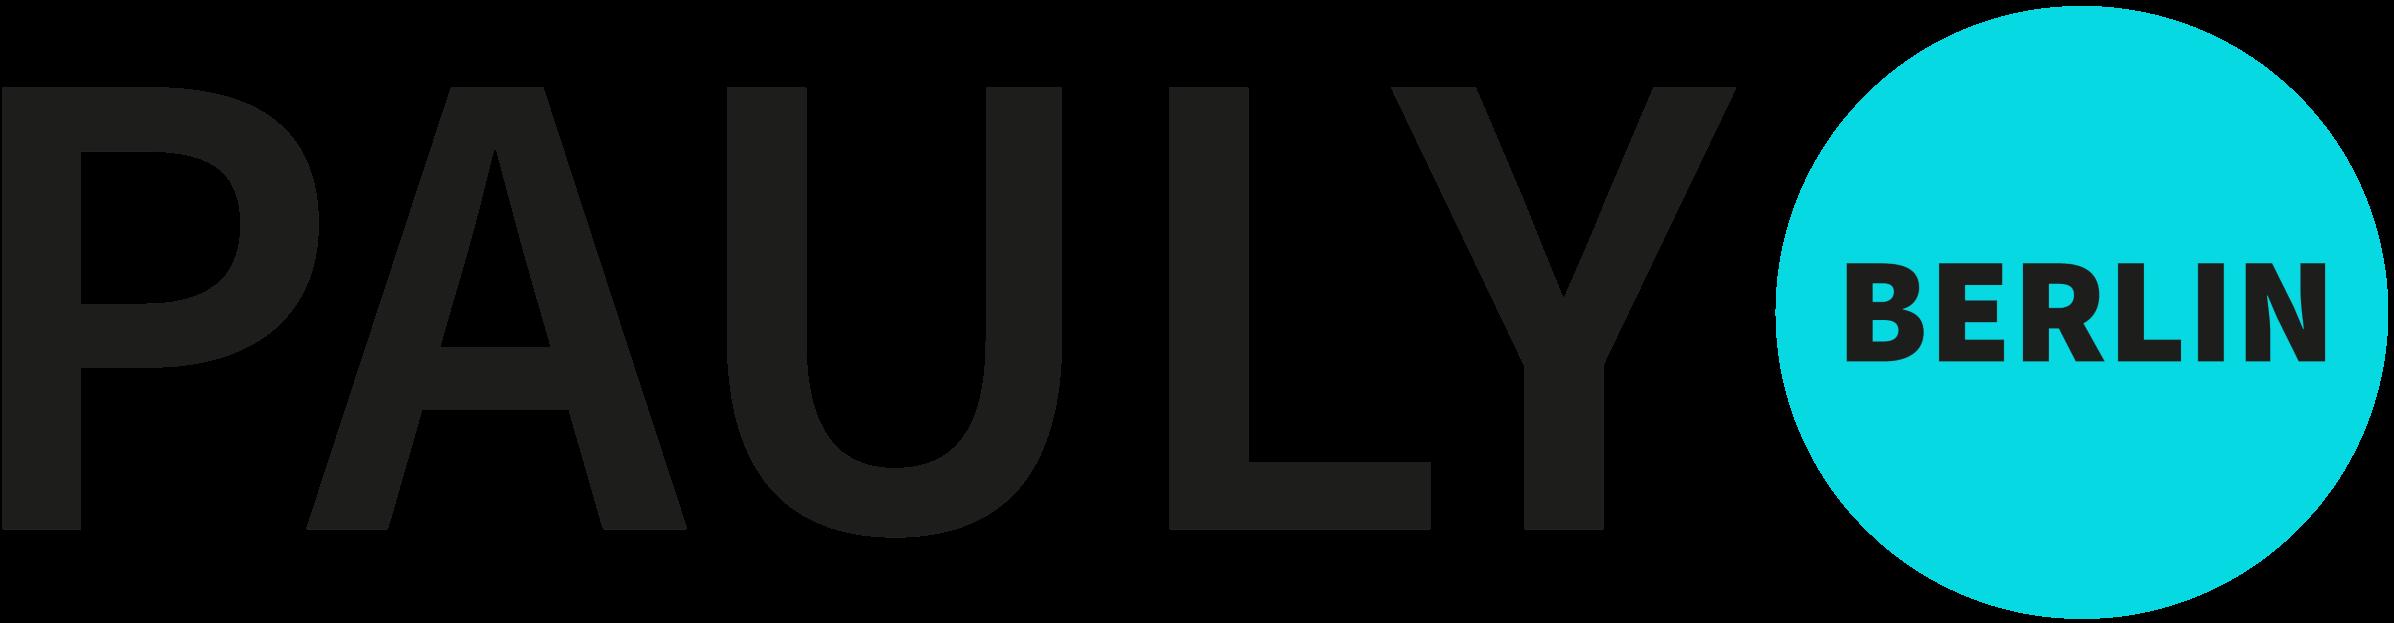 Pauly-Berlin-Logo